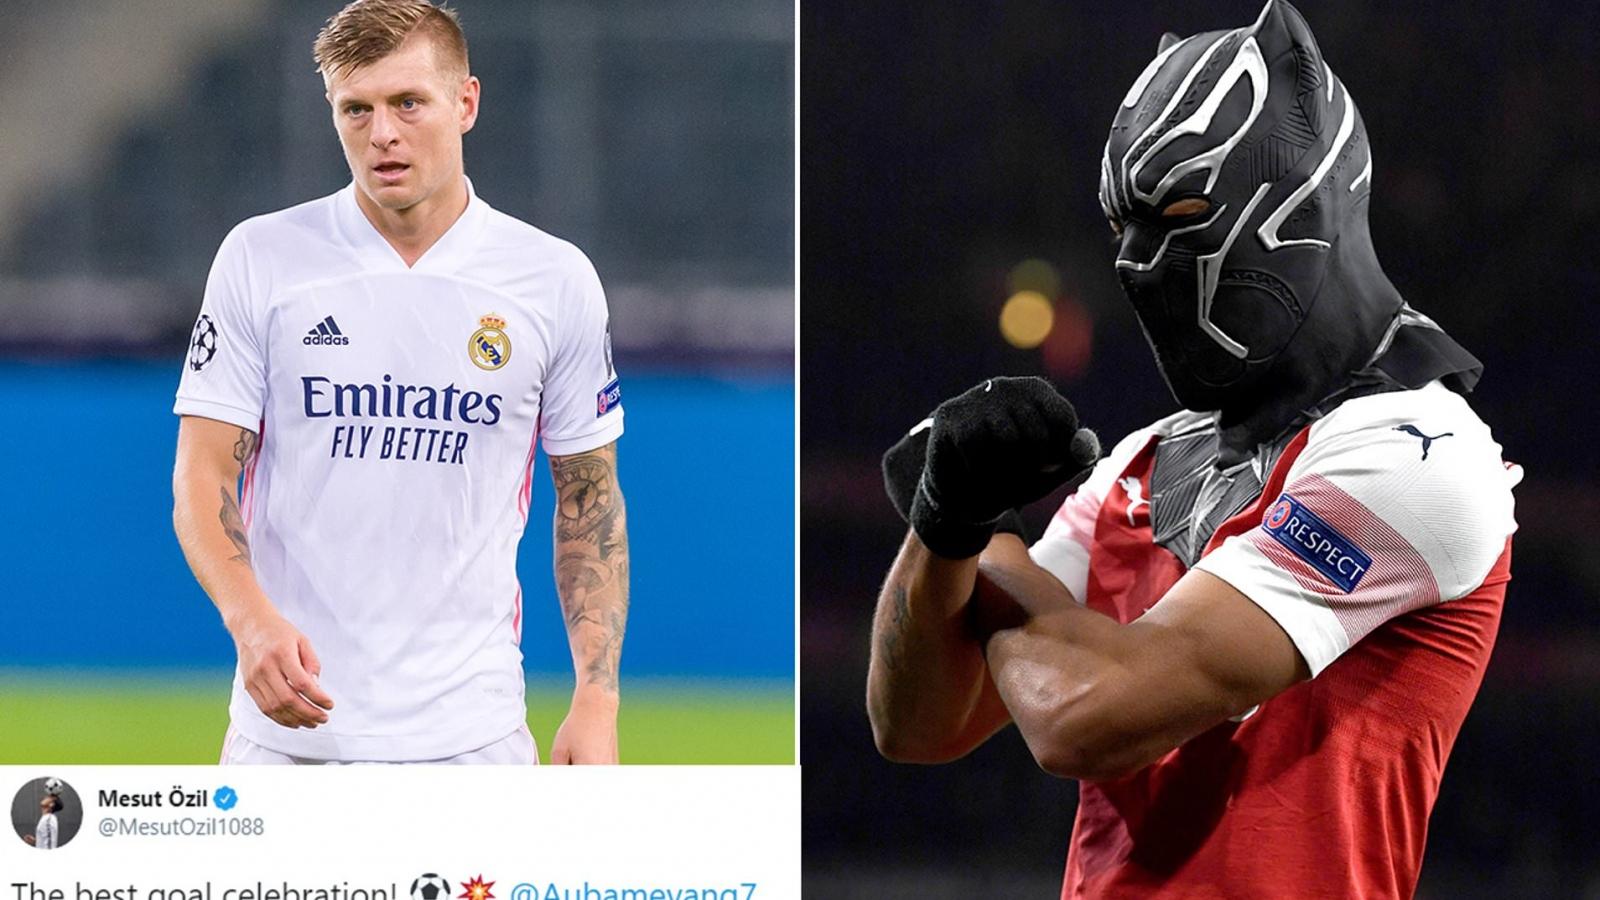 Ozil tỏa sáng trong cuộc khẩu chiến giữa Toni Kroos và Aubameyang